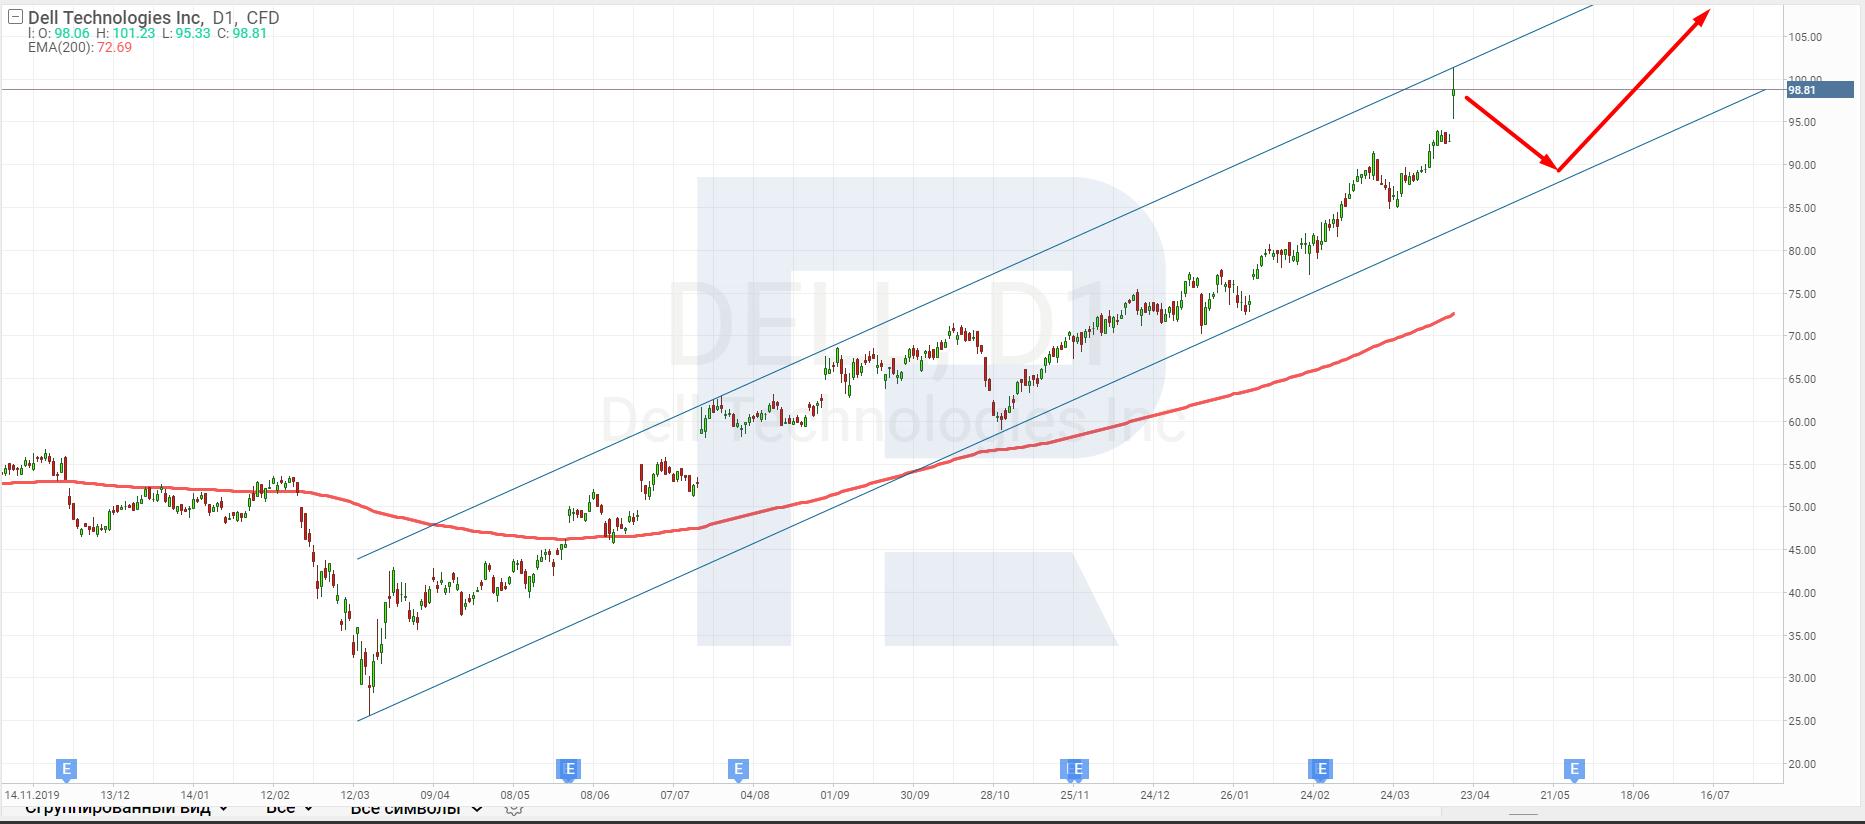 Технический анализ акций Dell на 16.04.2021.